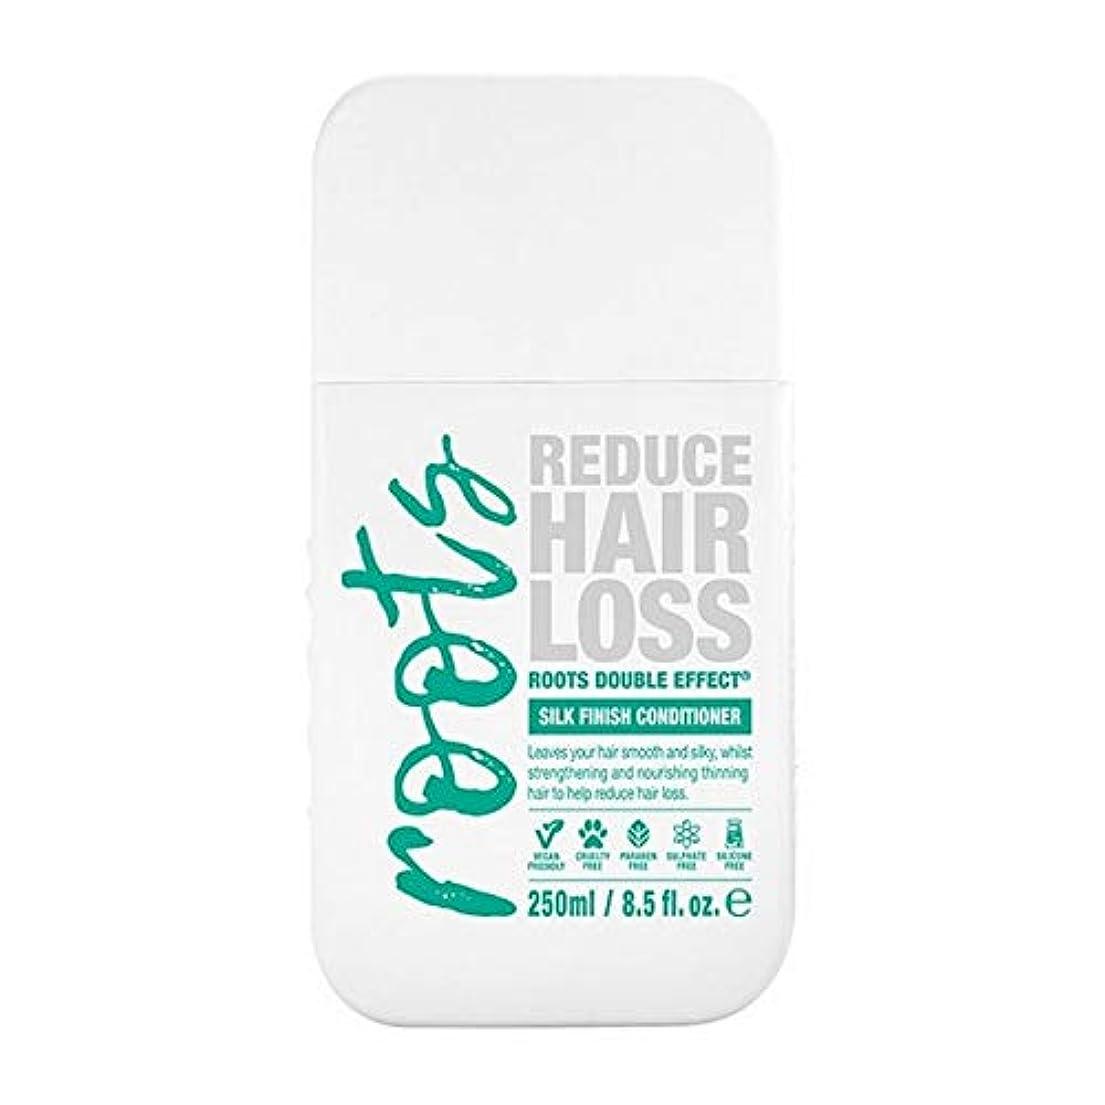 ズーム同様の[Roots ] 根のダブル効果育毛シャンプー250Ml - Roots Double Effect Hair Growth Conditioner 250ml [並行輸入品]